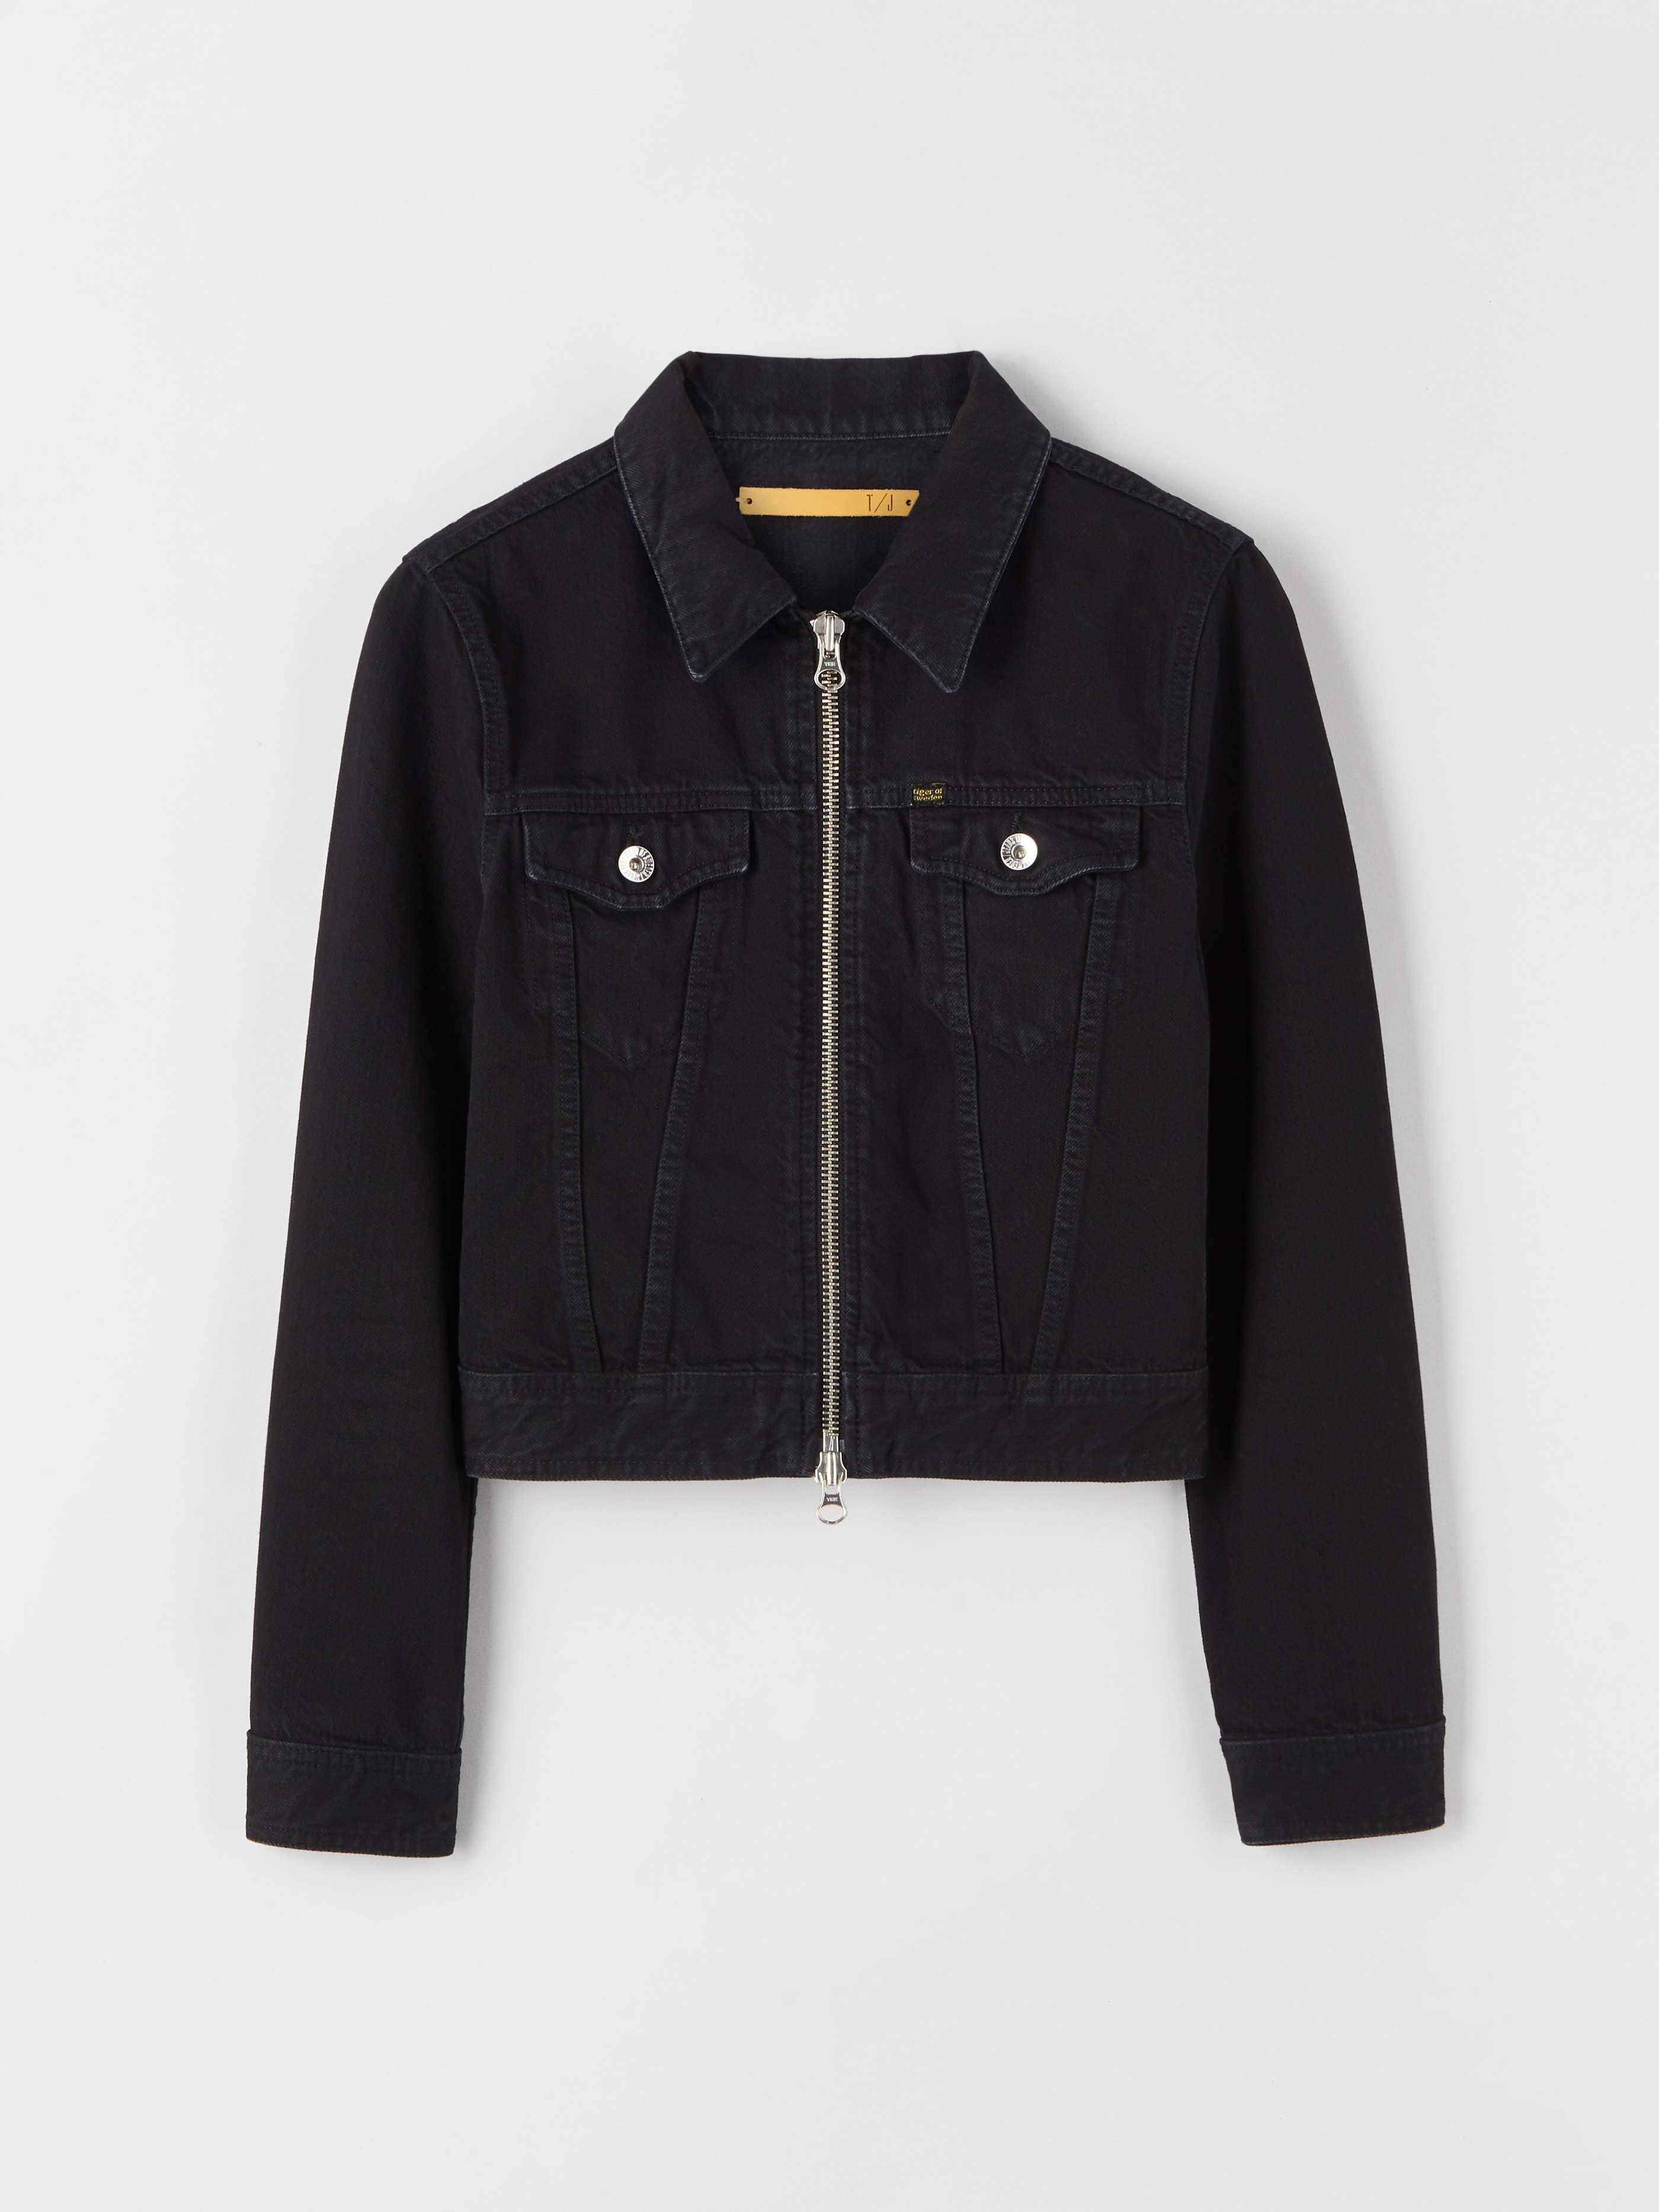 Truth Jacket   Svean AS Nettbutikk